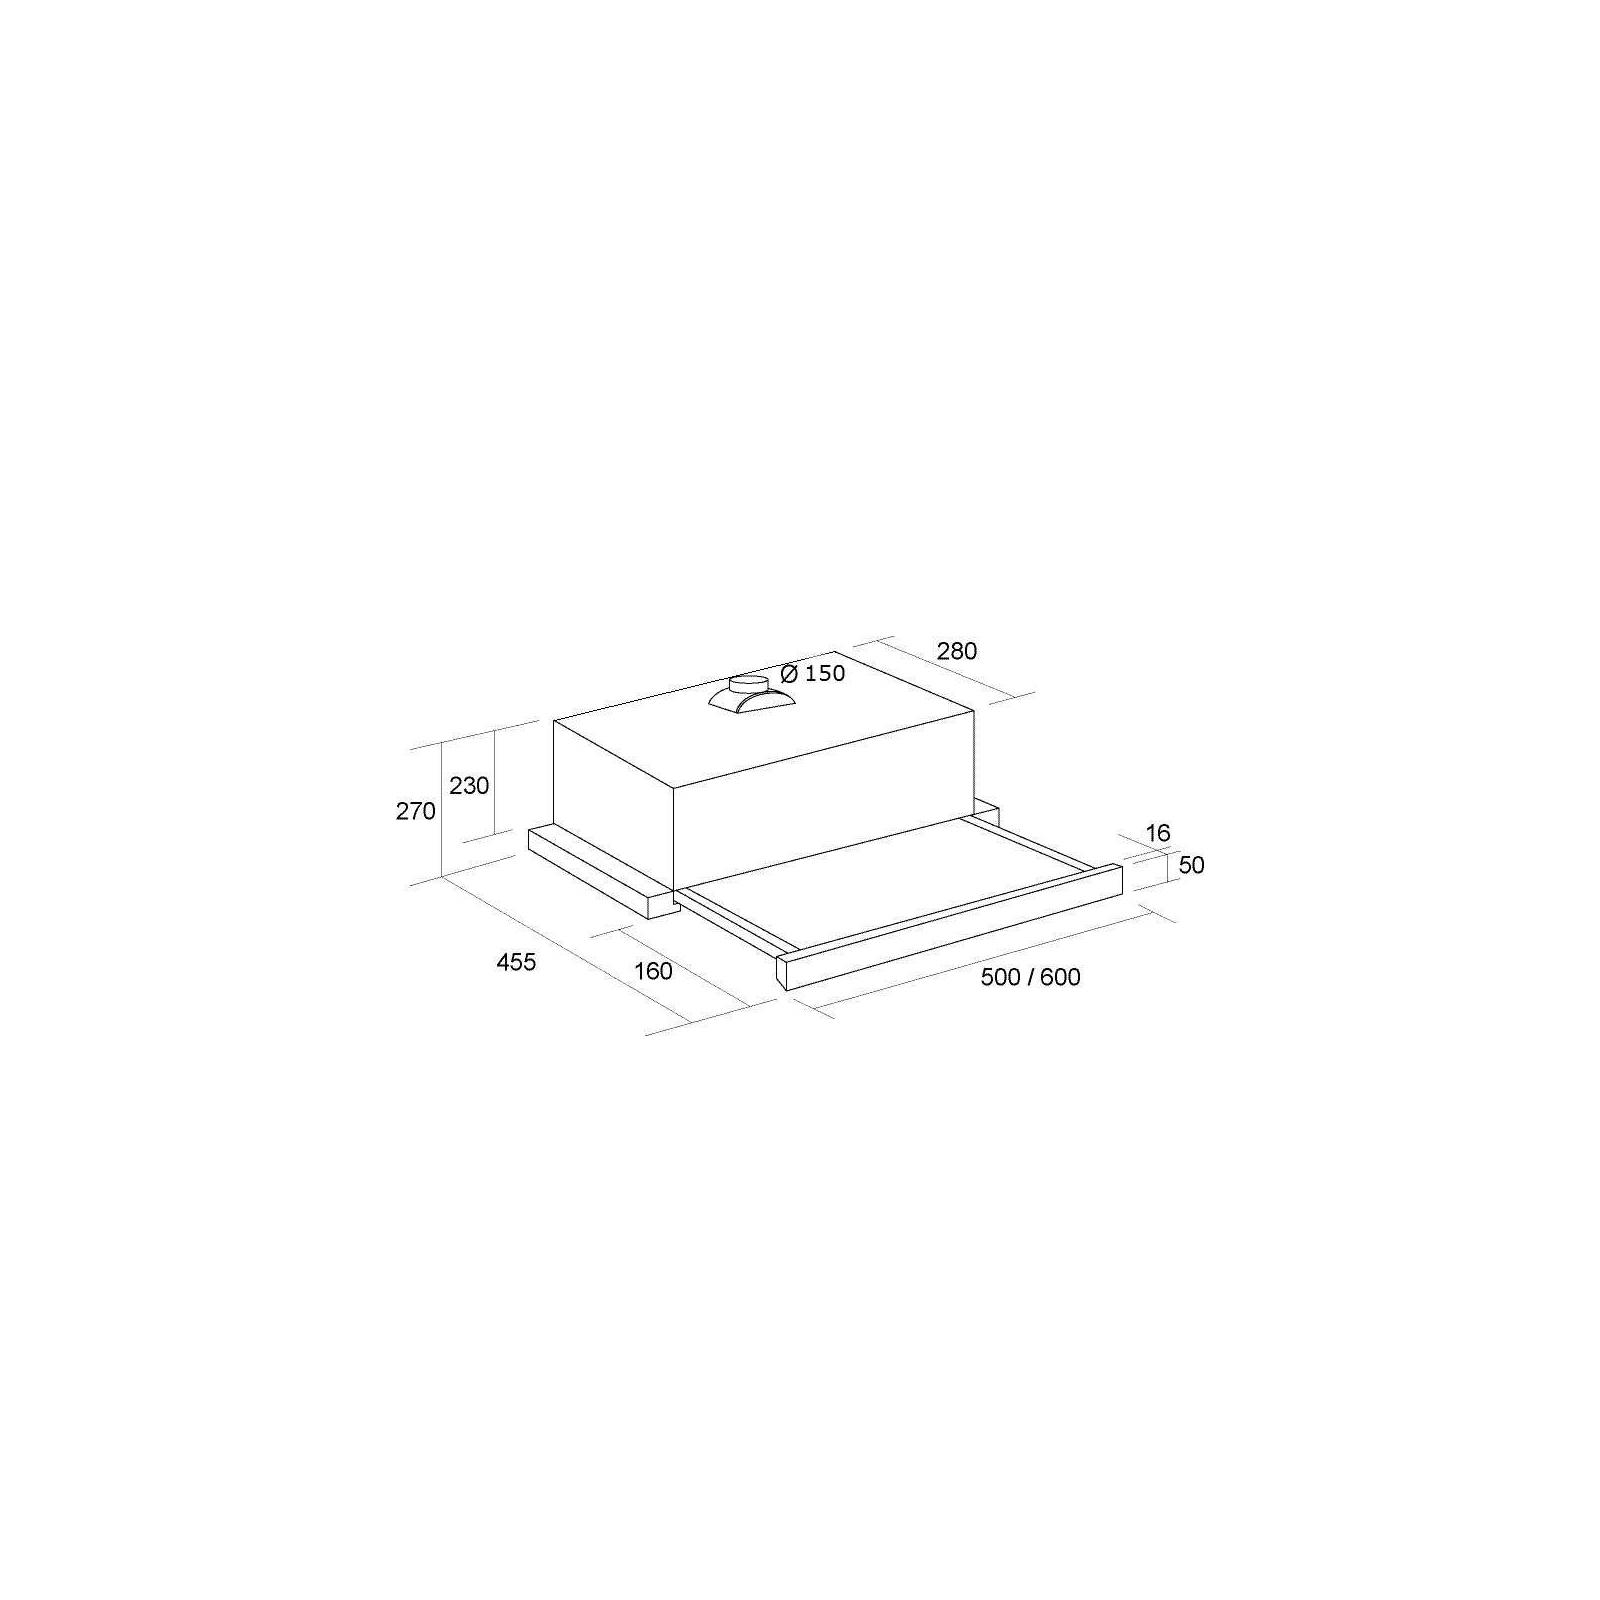 Вытяжка кухонная PYRAMIDA TL FULL GLASS 60 (1100) INOX BL/U изображение 10